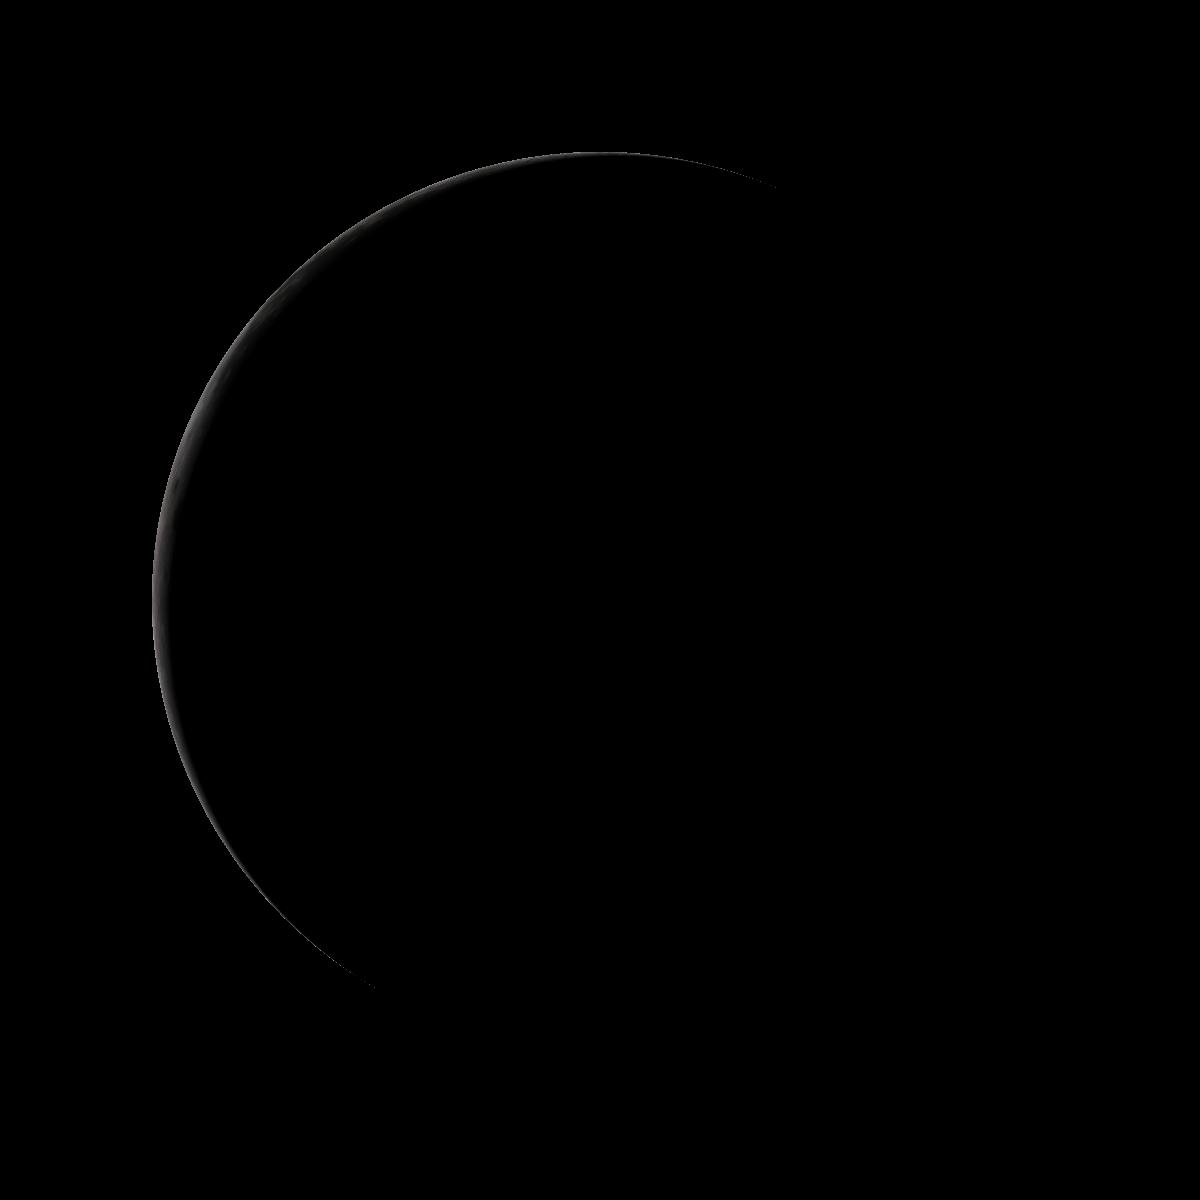 Lune du 22 février 2020